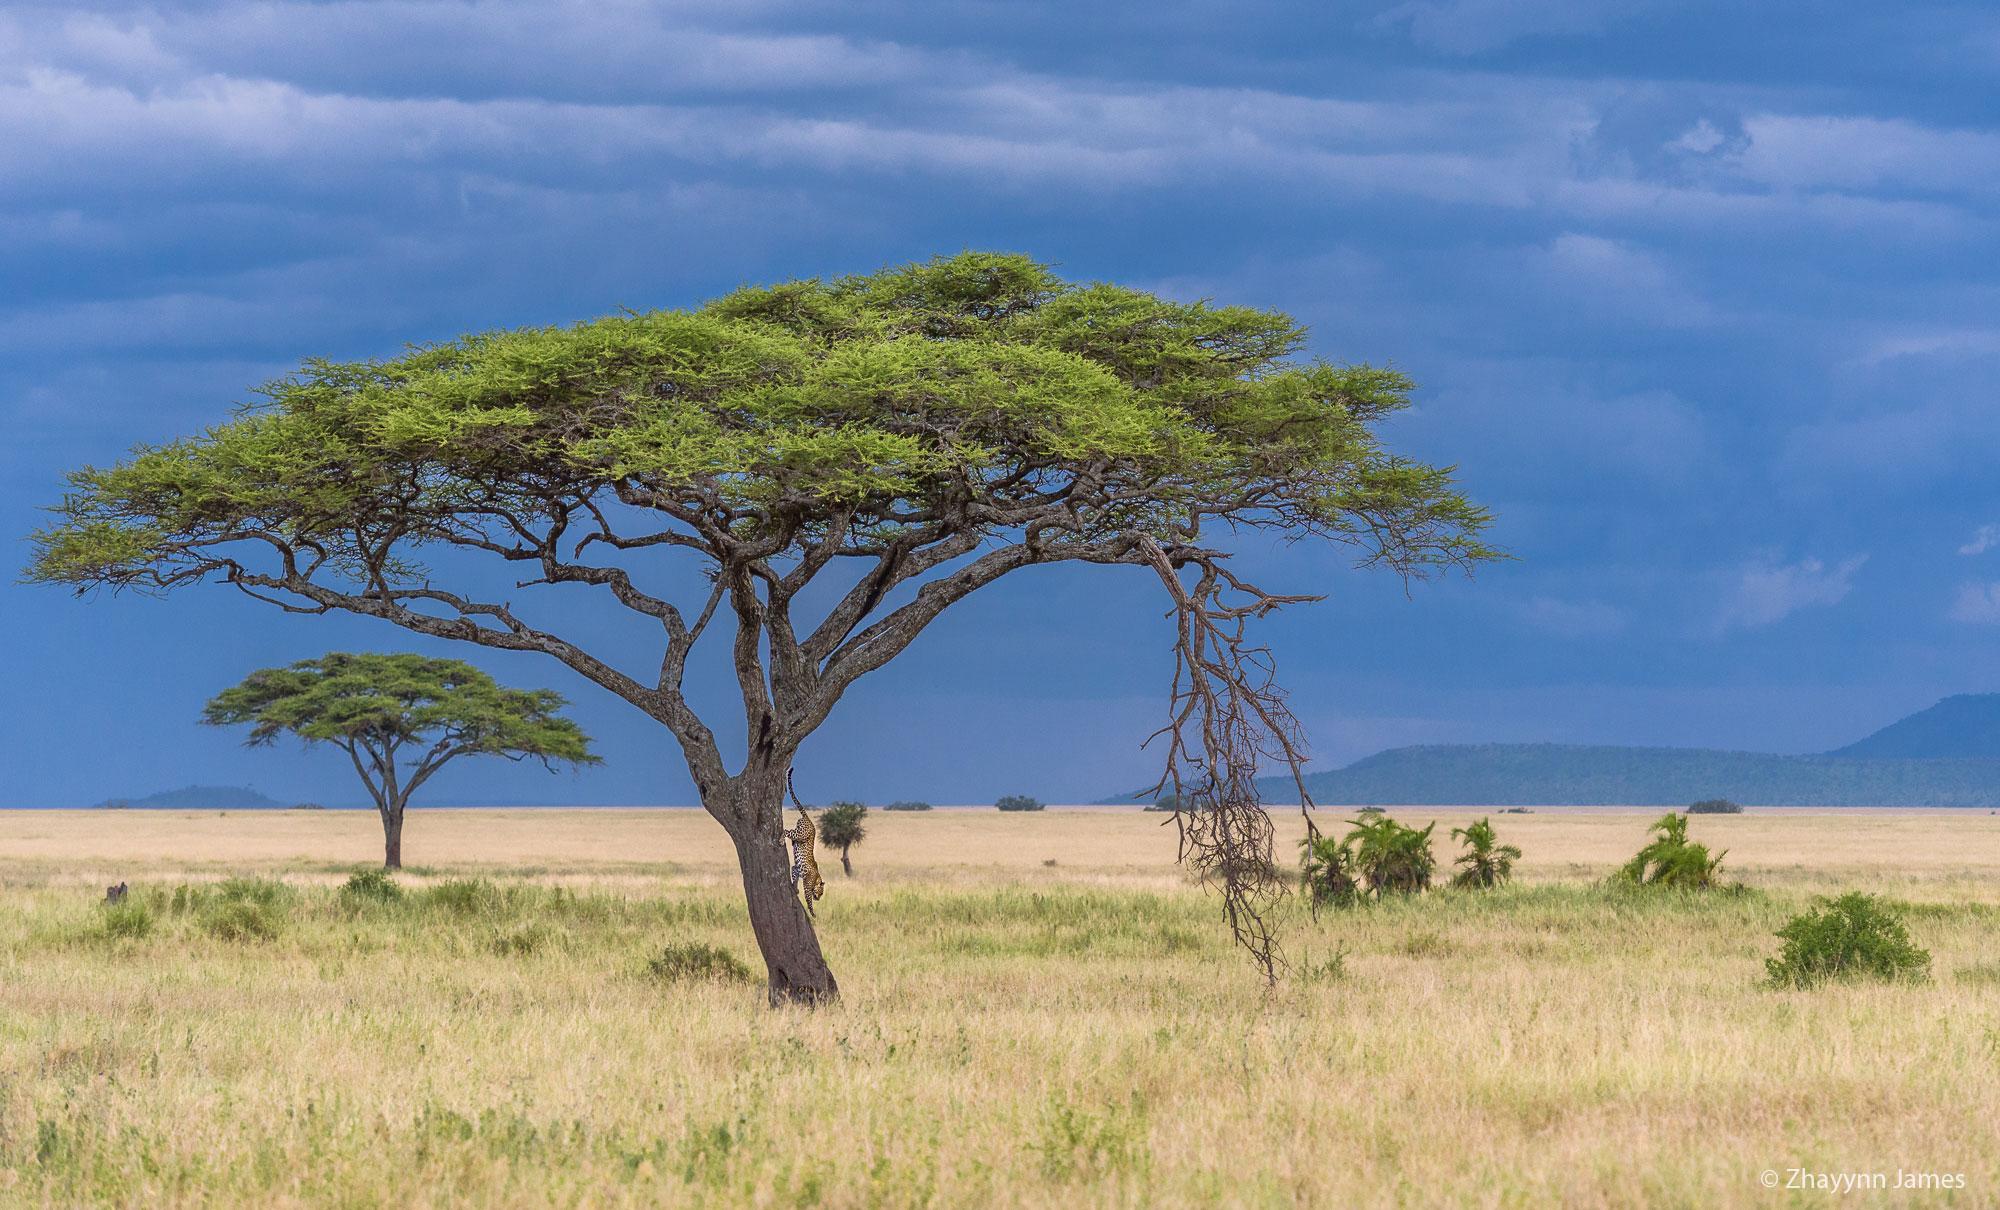 Zhayynn Africa